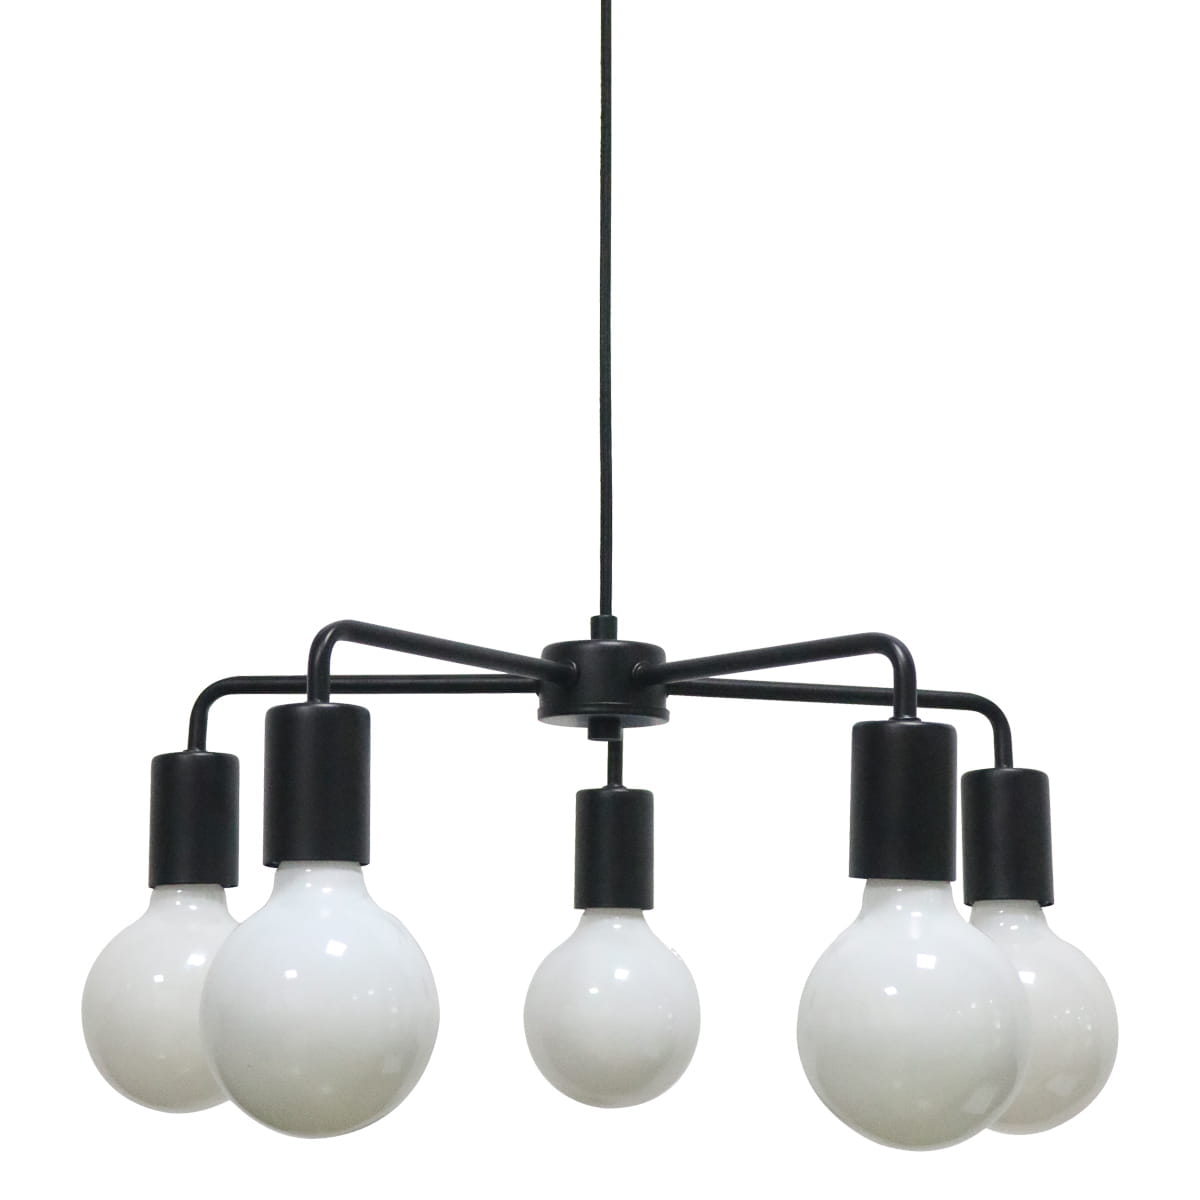 Bardzo dobryFantastyczny Lampa sufitowa IRINA czarna Industrialna Italux MD-BR1721401-D5-B CM74